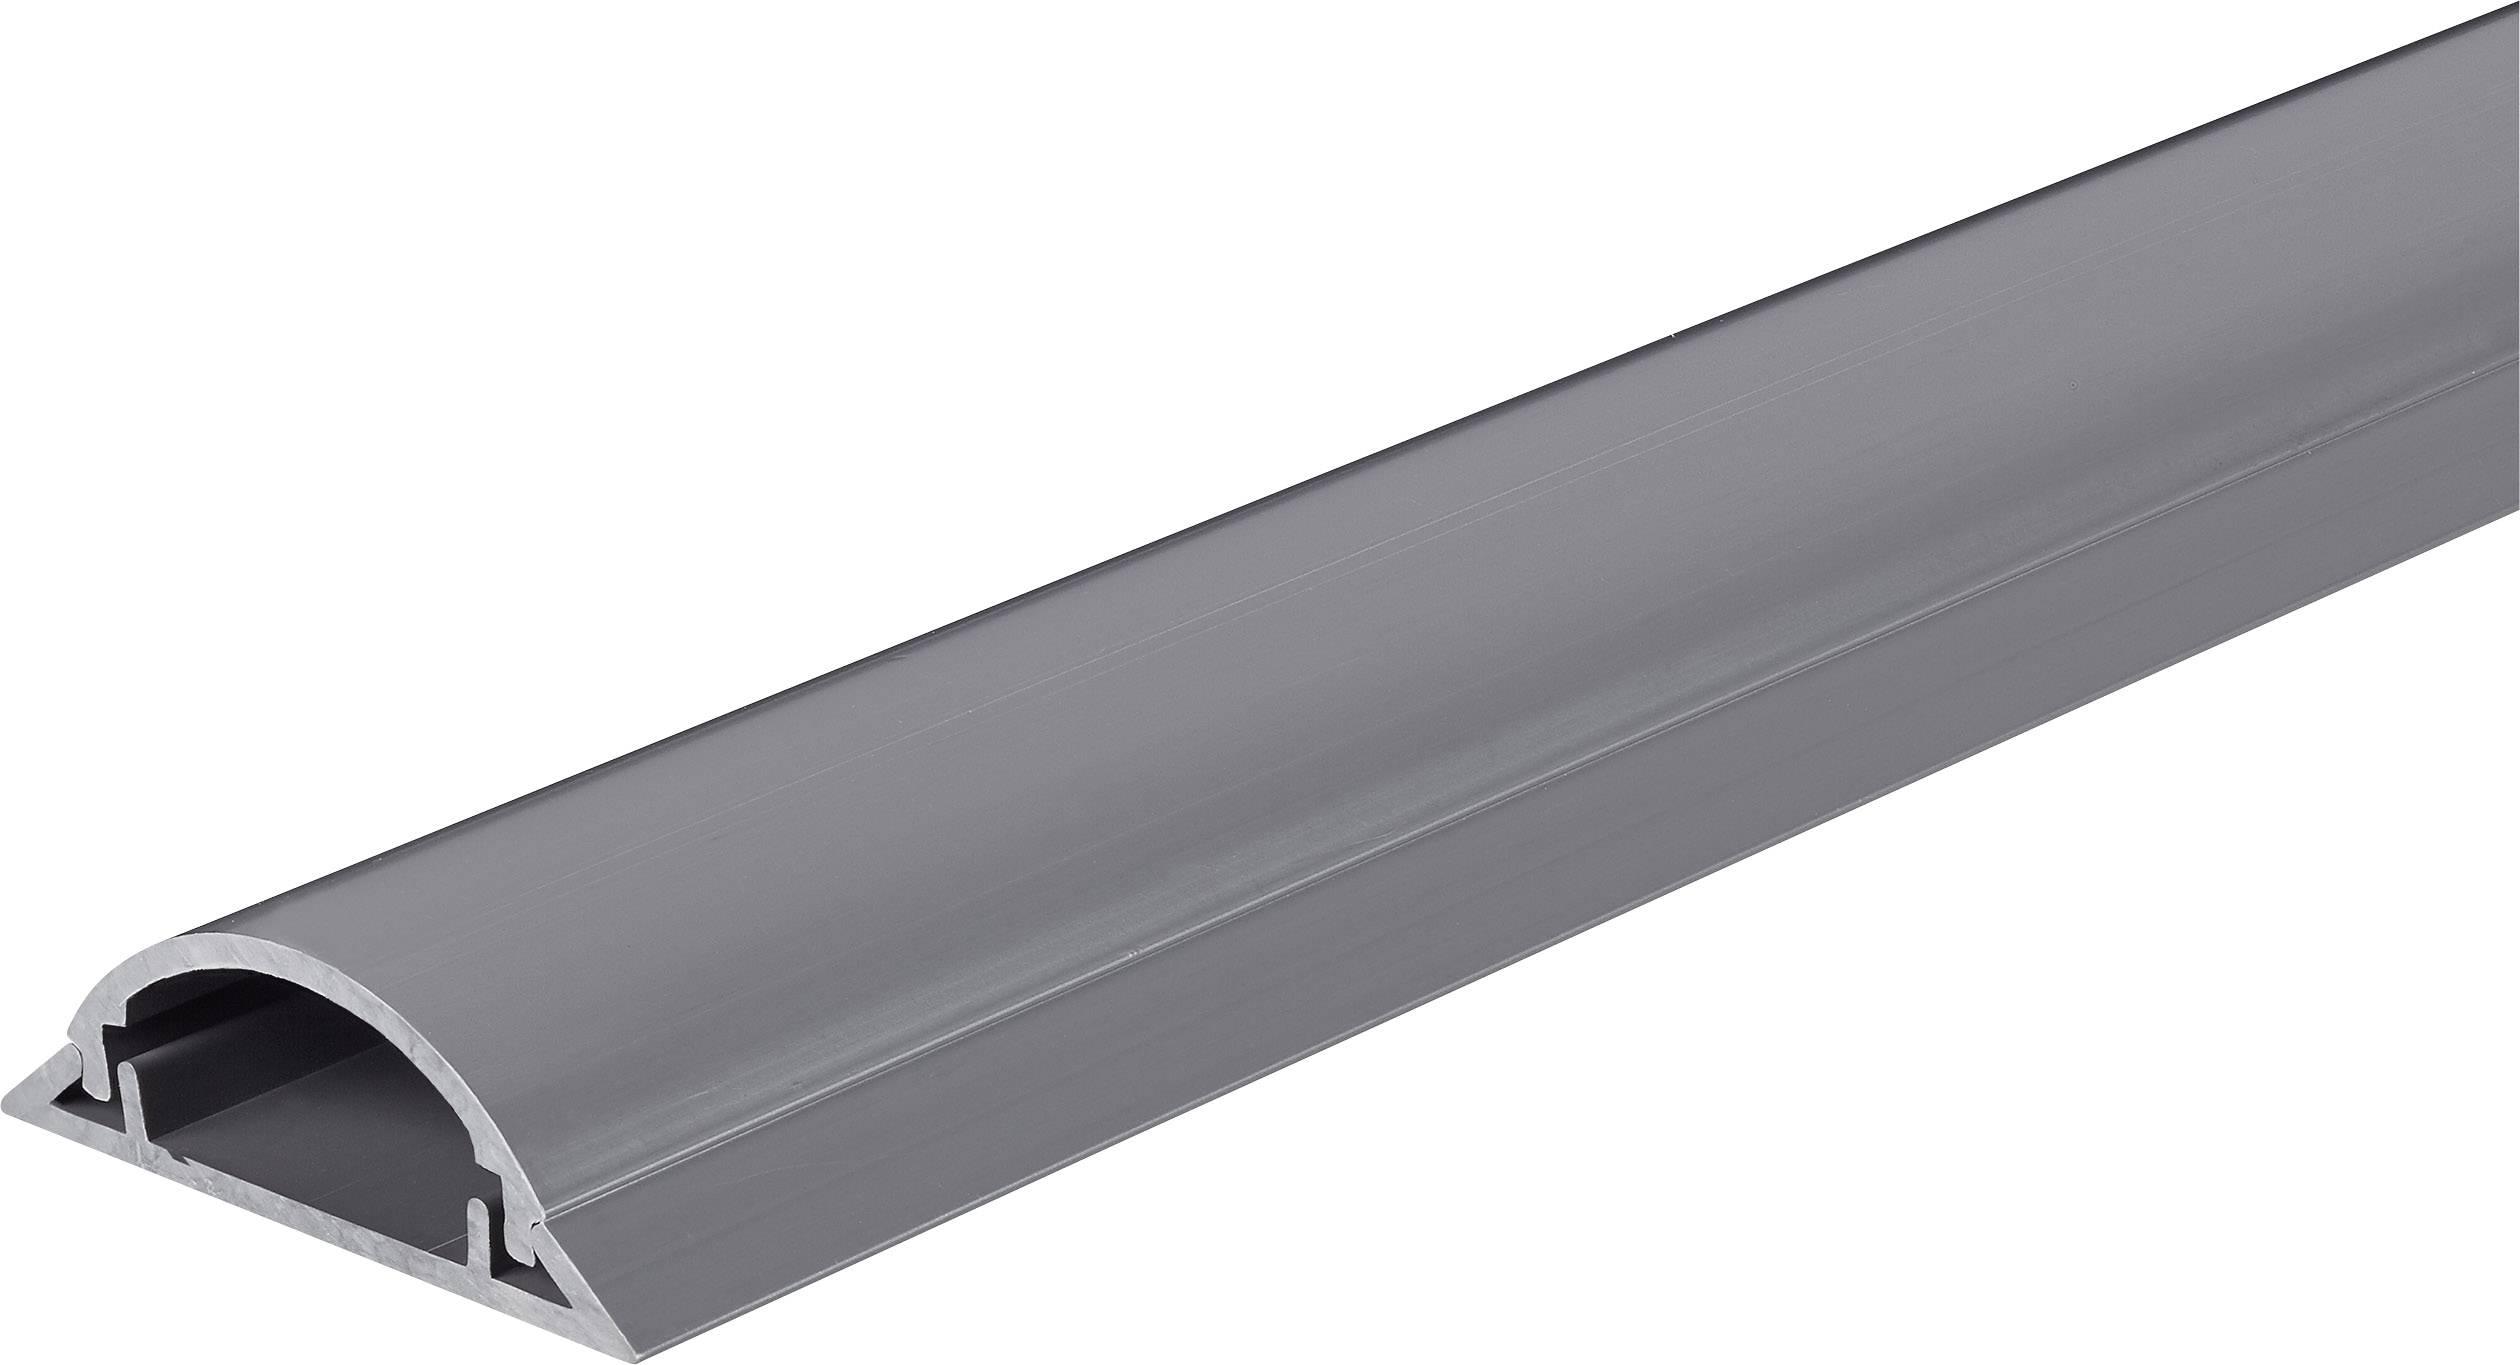 Kabelový můstek TRU COMPONENTS (d x š) 1000 mm x 49.5 mm, šedá, 1 ks